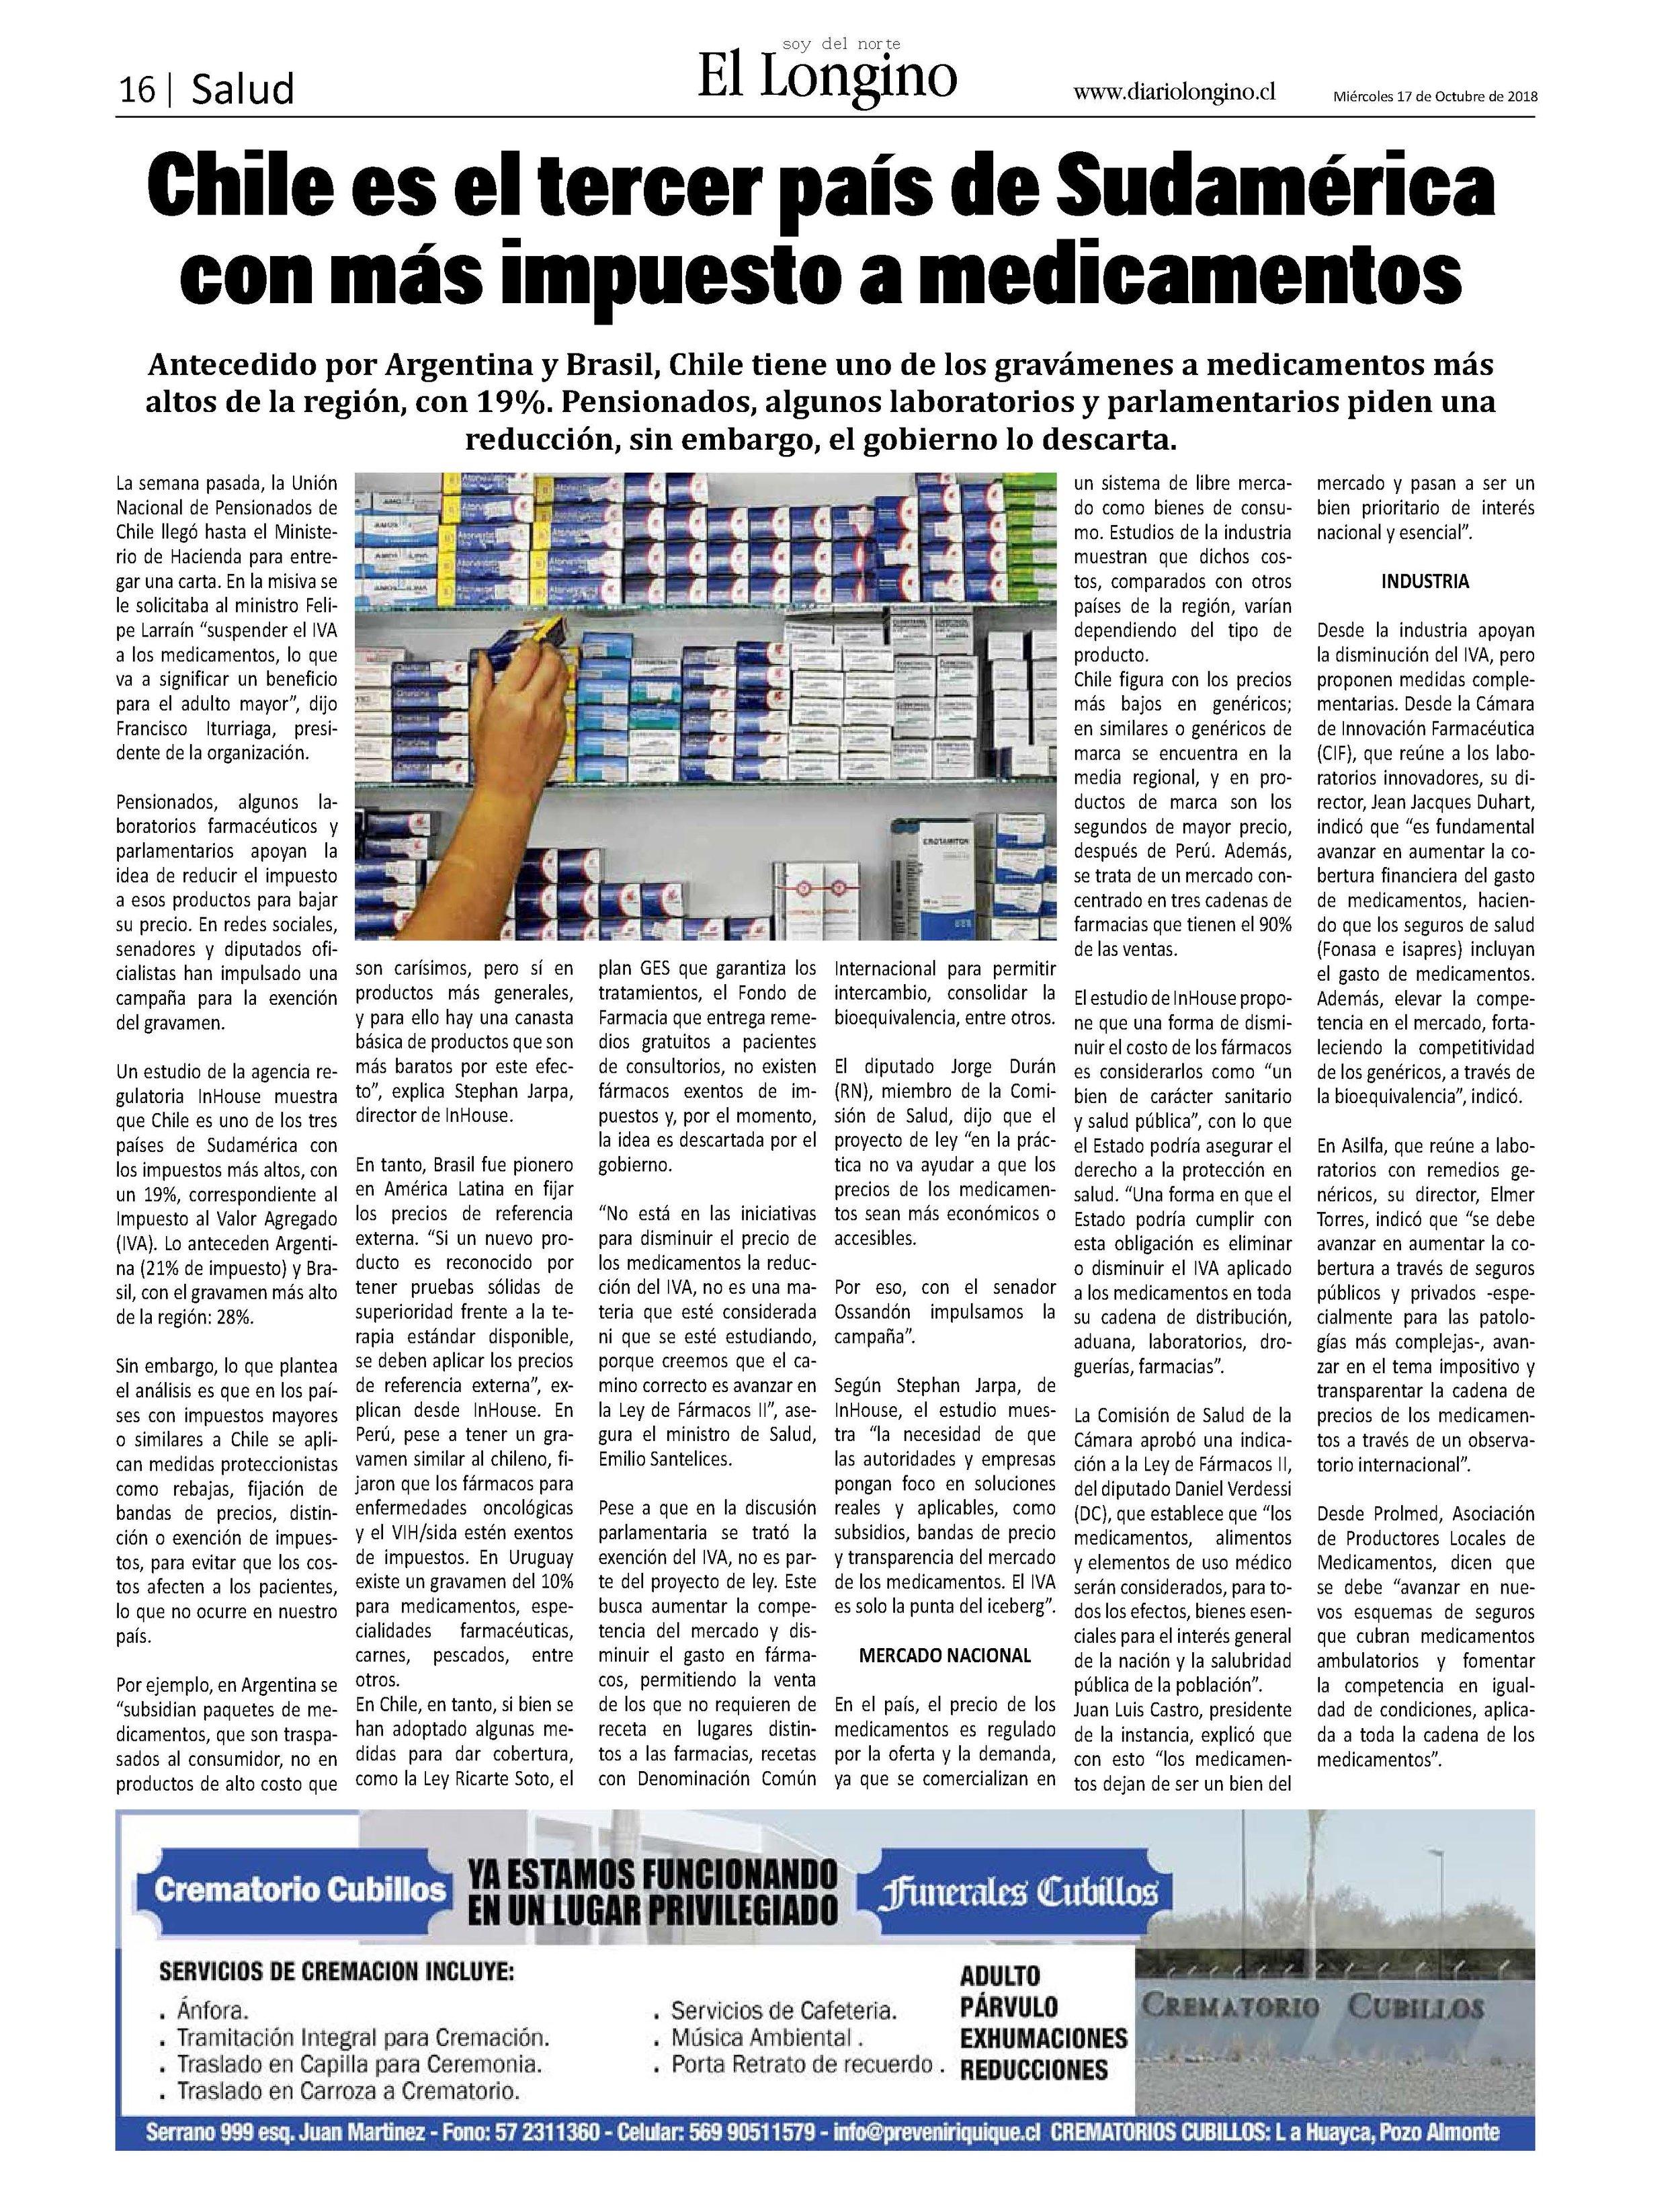 El Longino 17-10.jpg